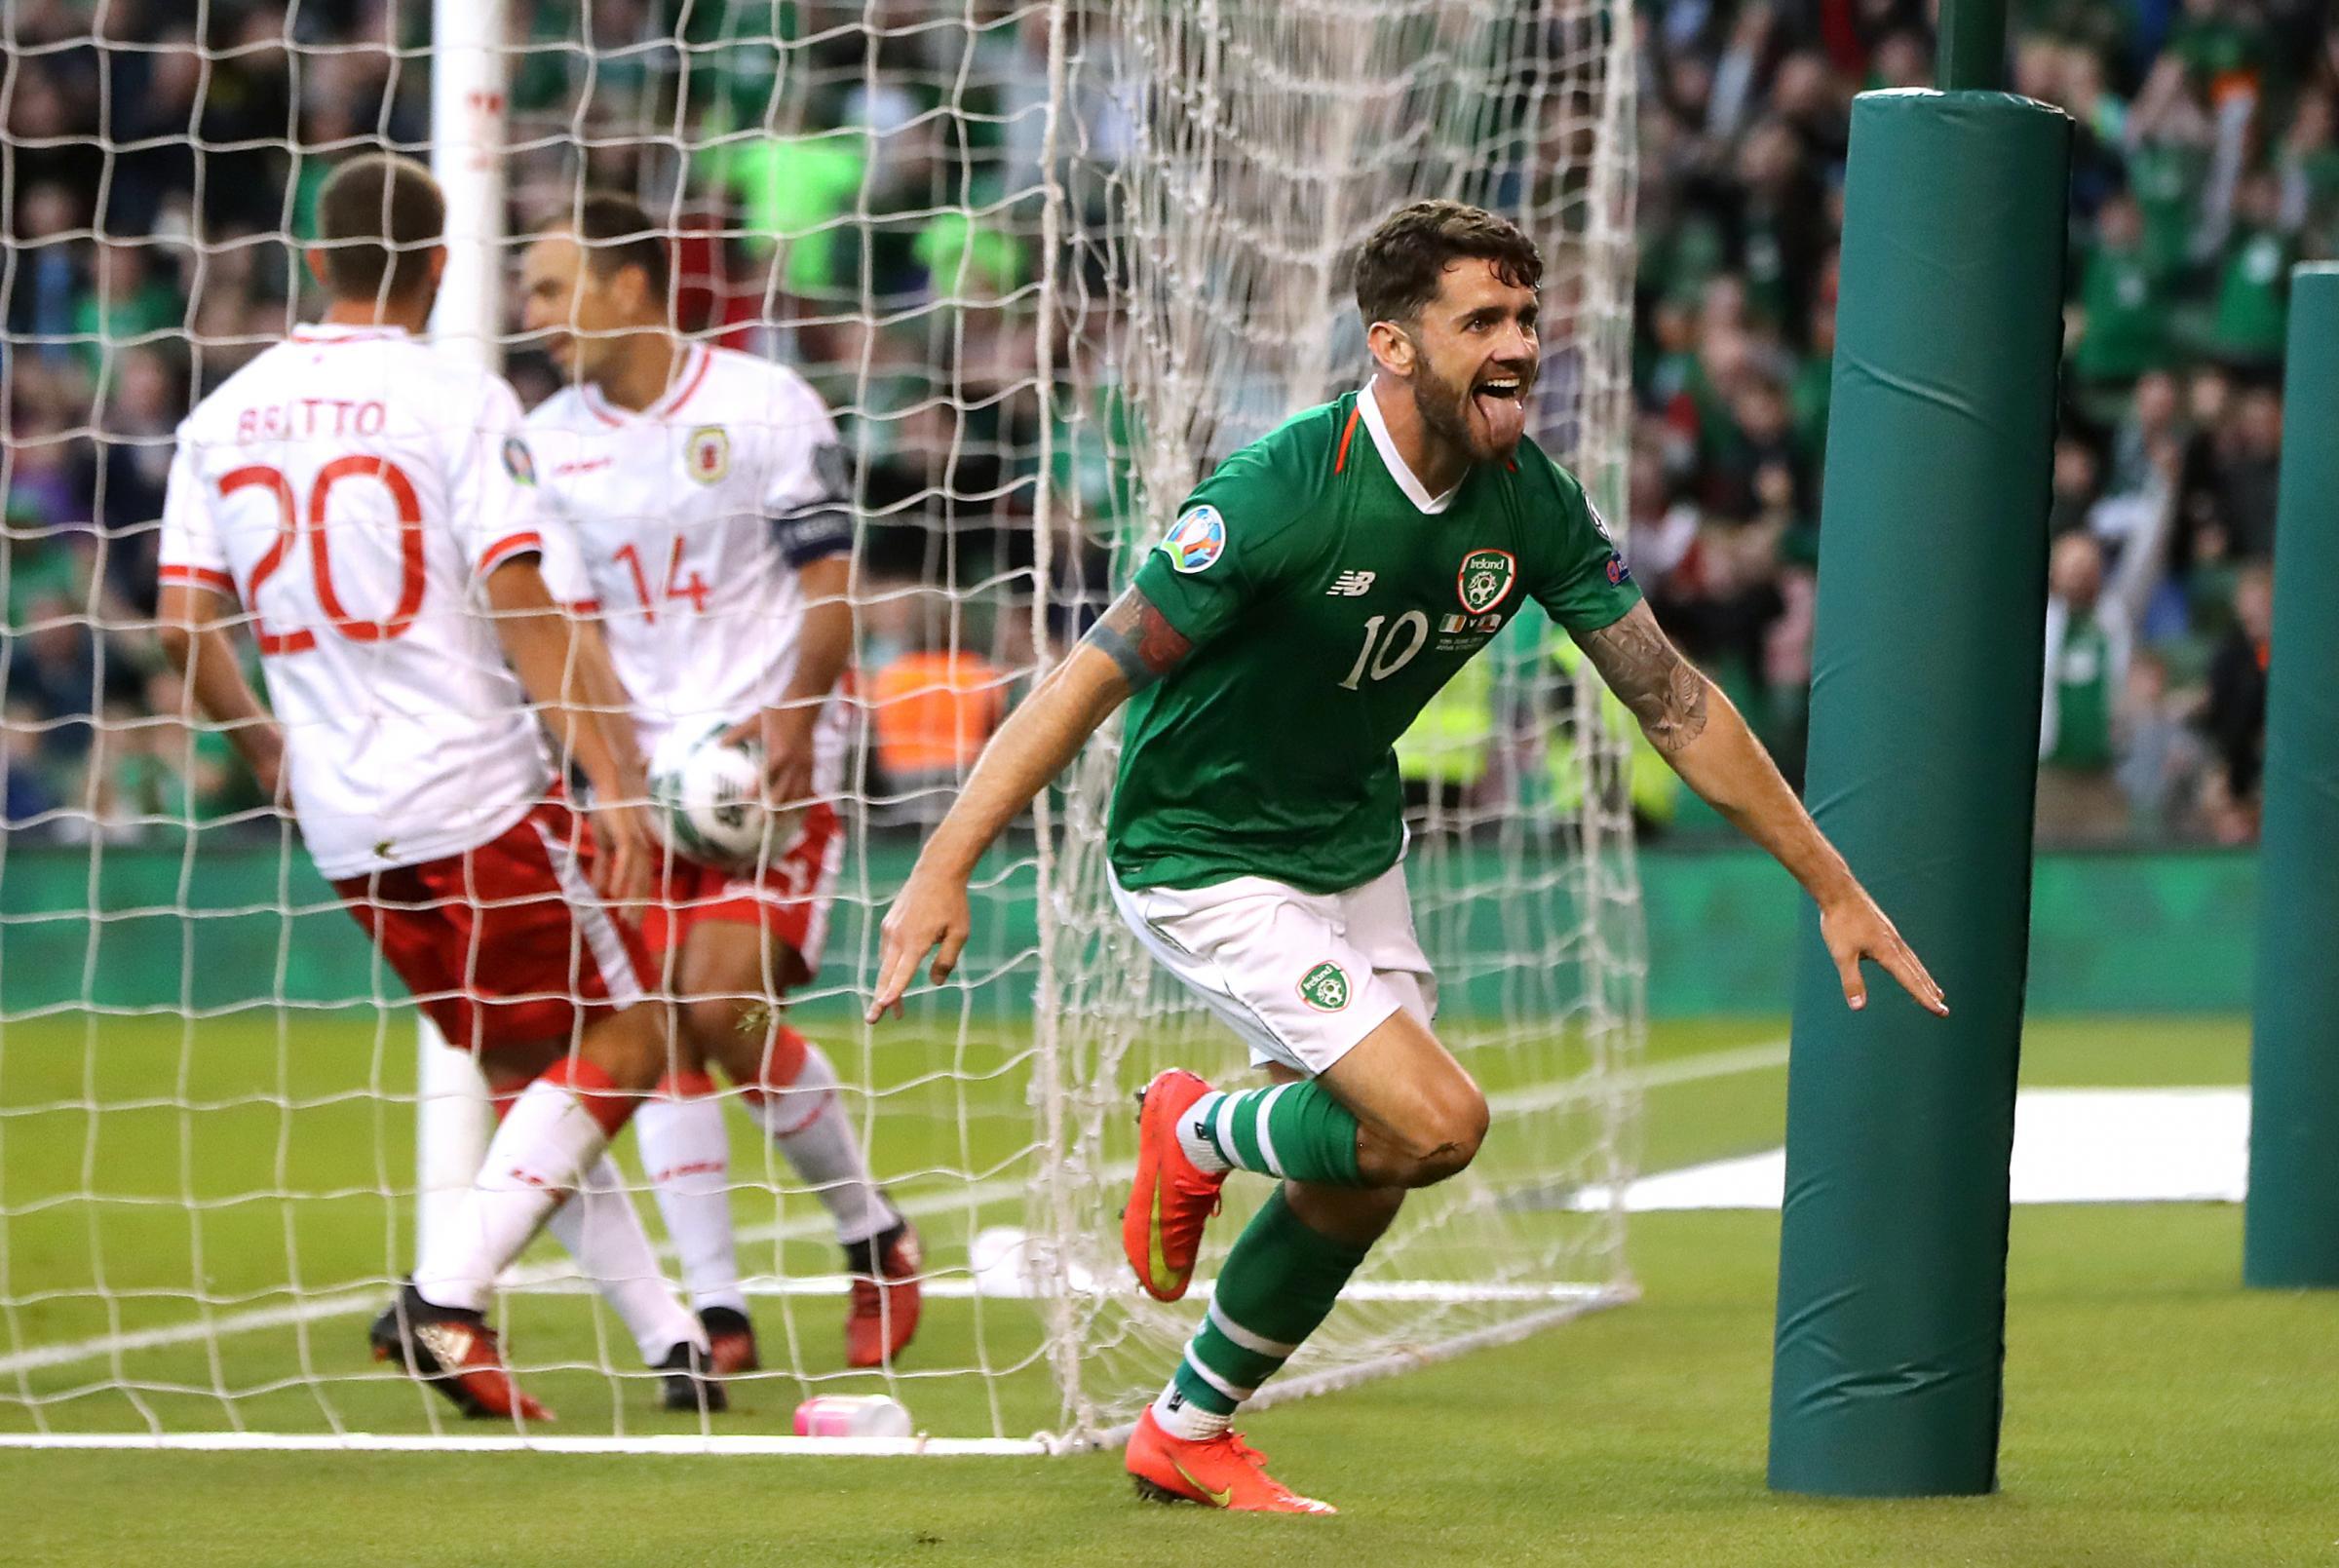 Burnley's Robbie Brady helps Republic of Ireland to Gibraltar win